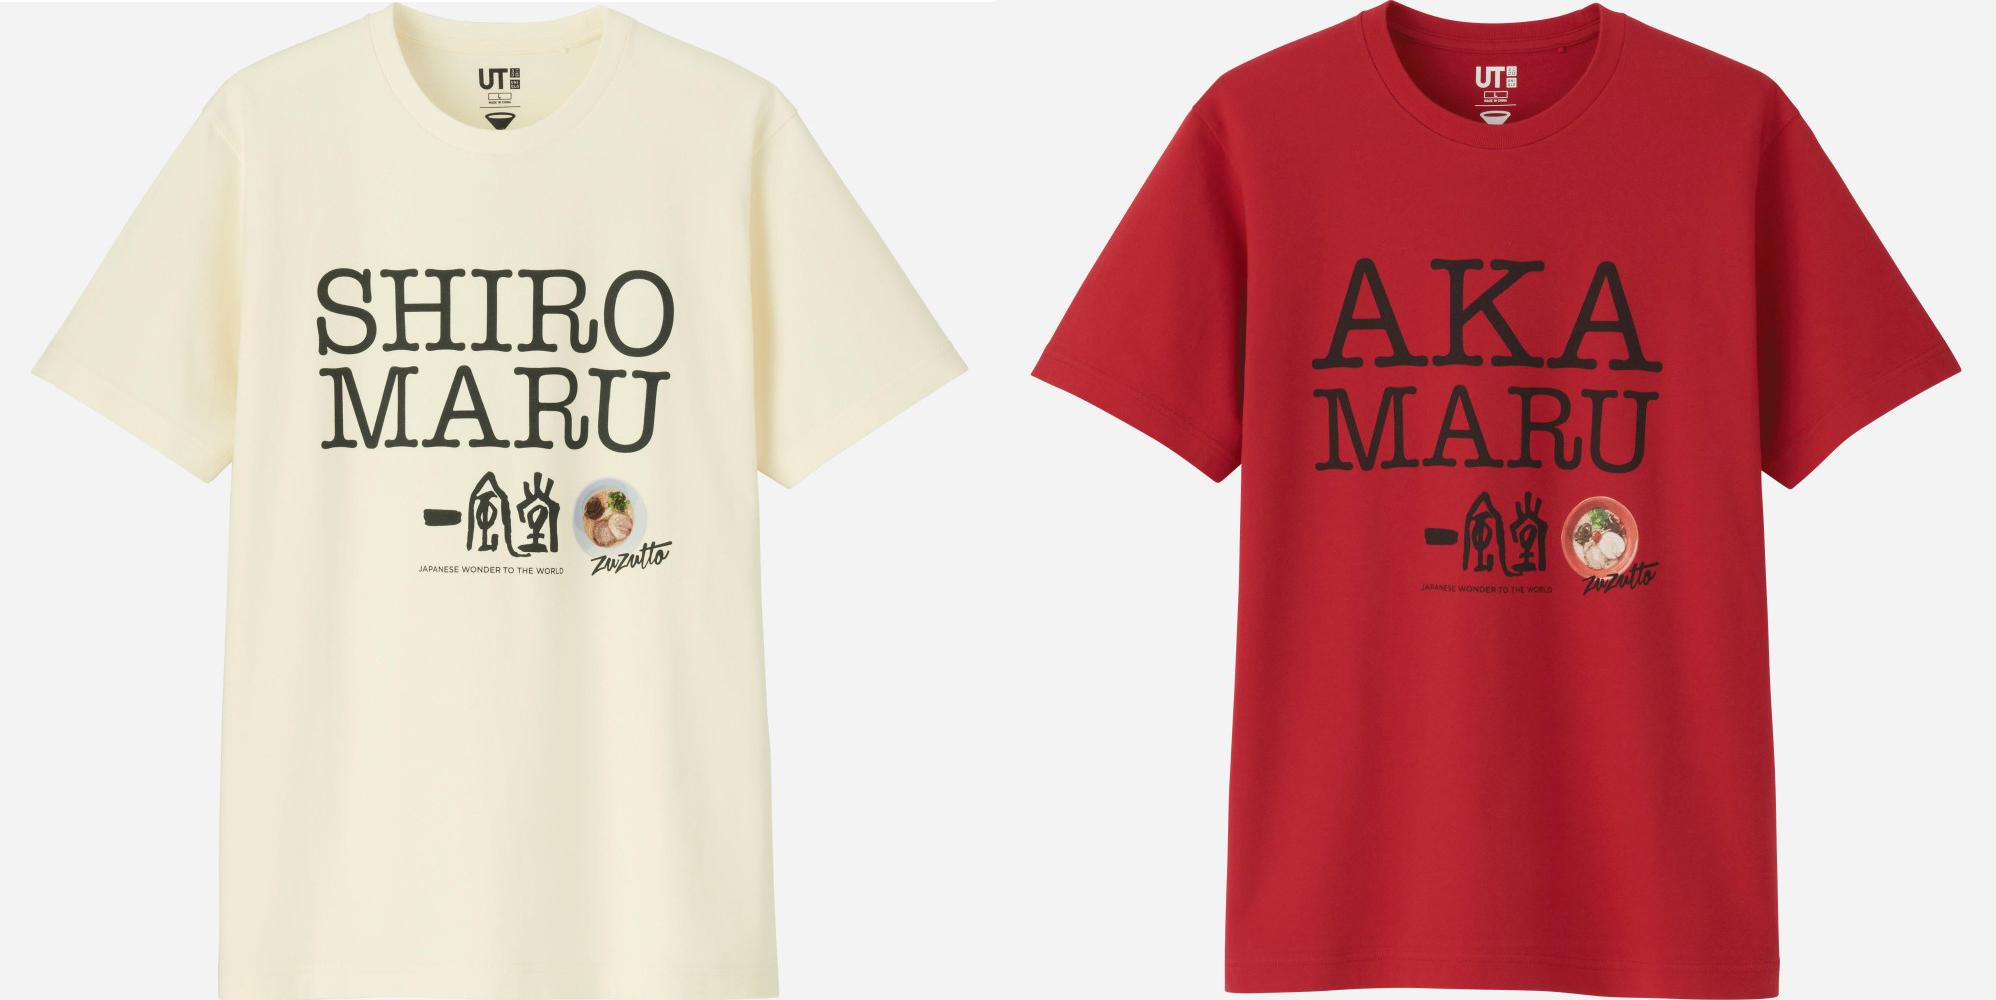 4 23 月 ユニクロのtシャツブランド ut で一風堂tシャツ販売